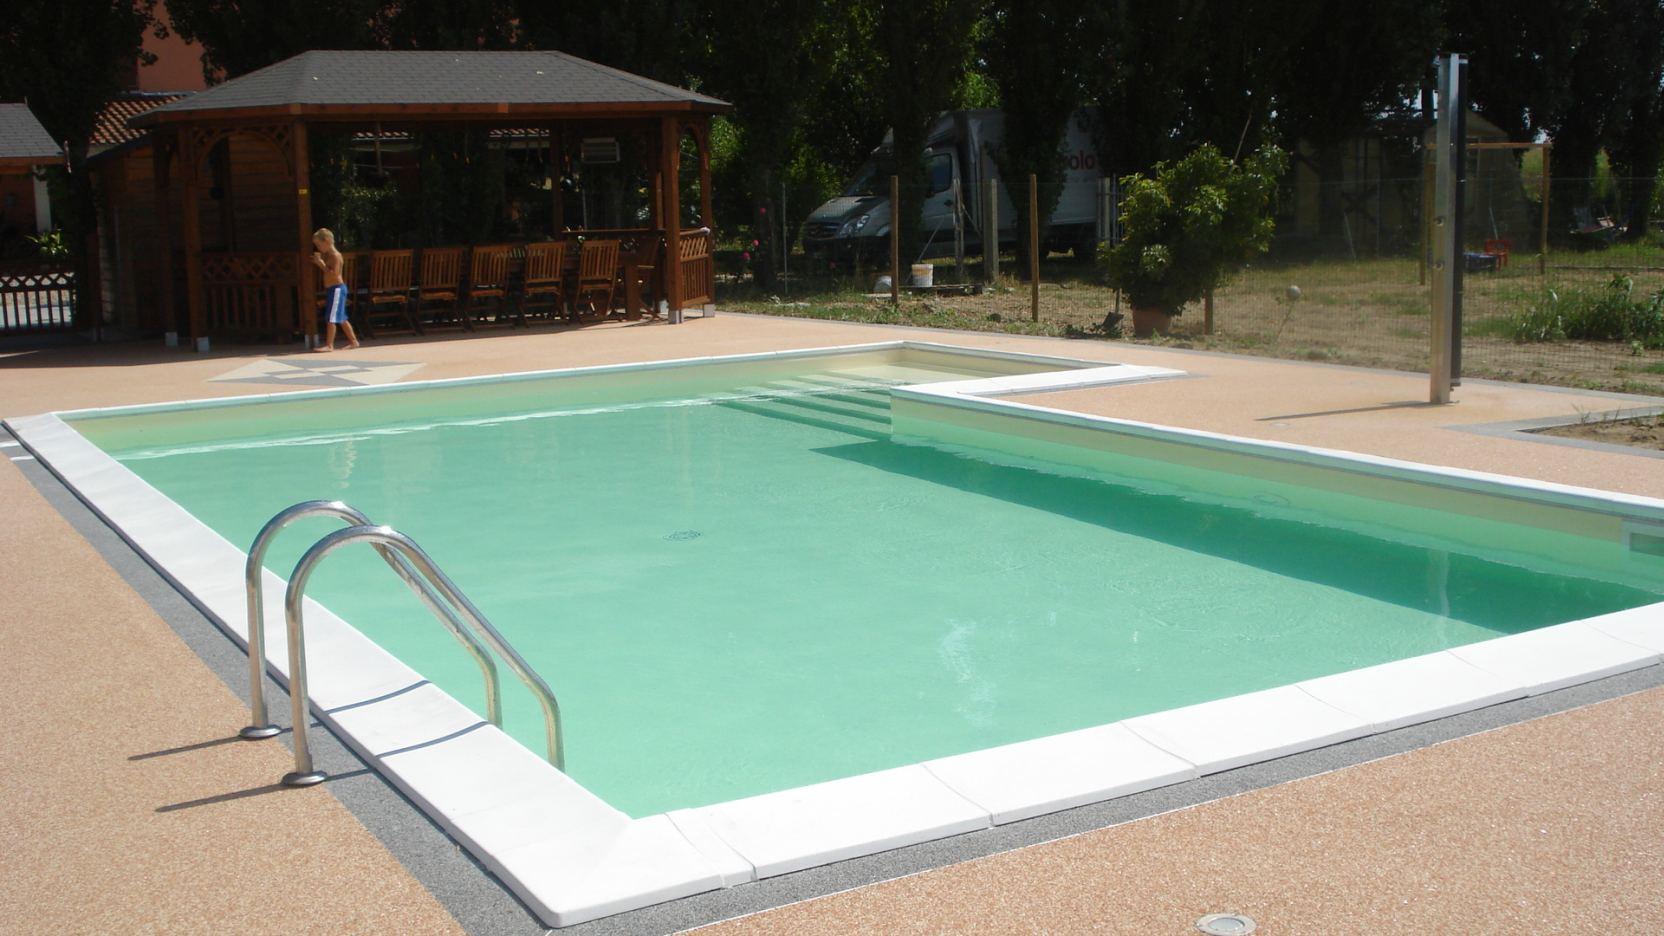 Fabbrico reggio emilia casareggio piscine piscine piscine mantova costruttori di piscine - Piscina porto mantovano ...